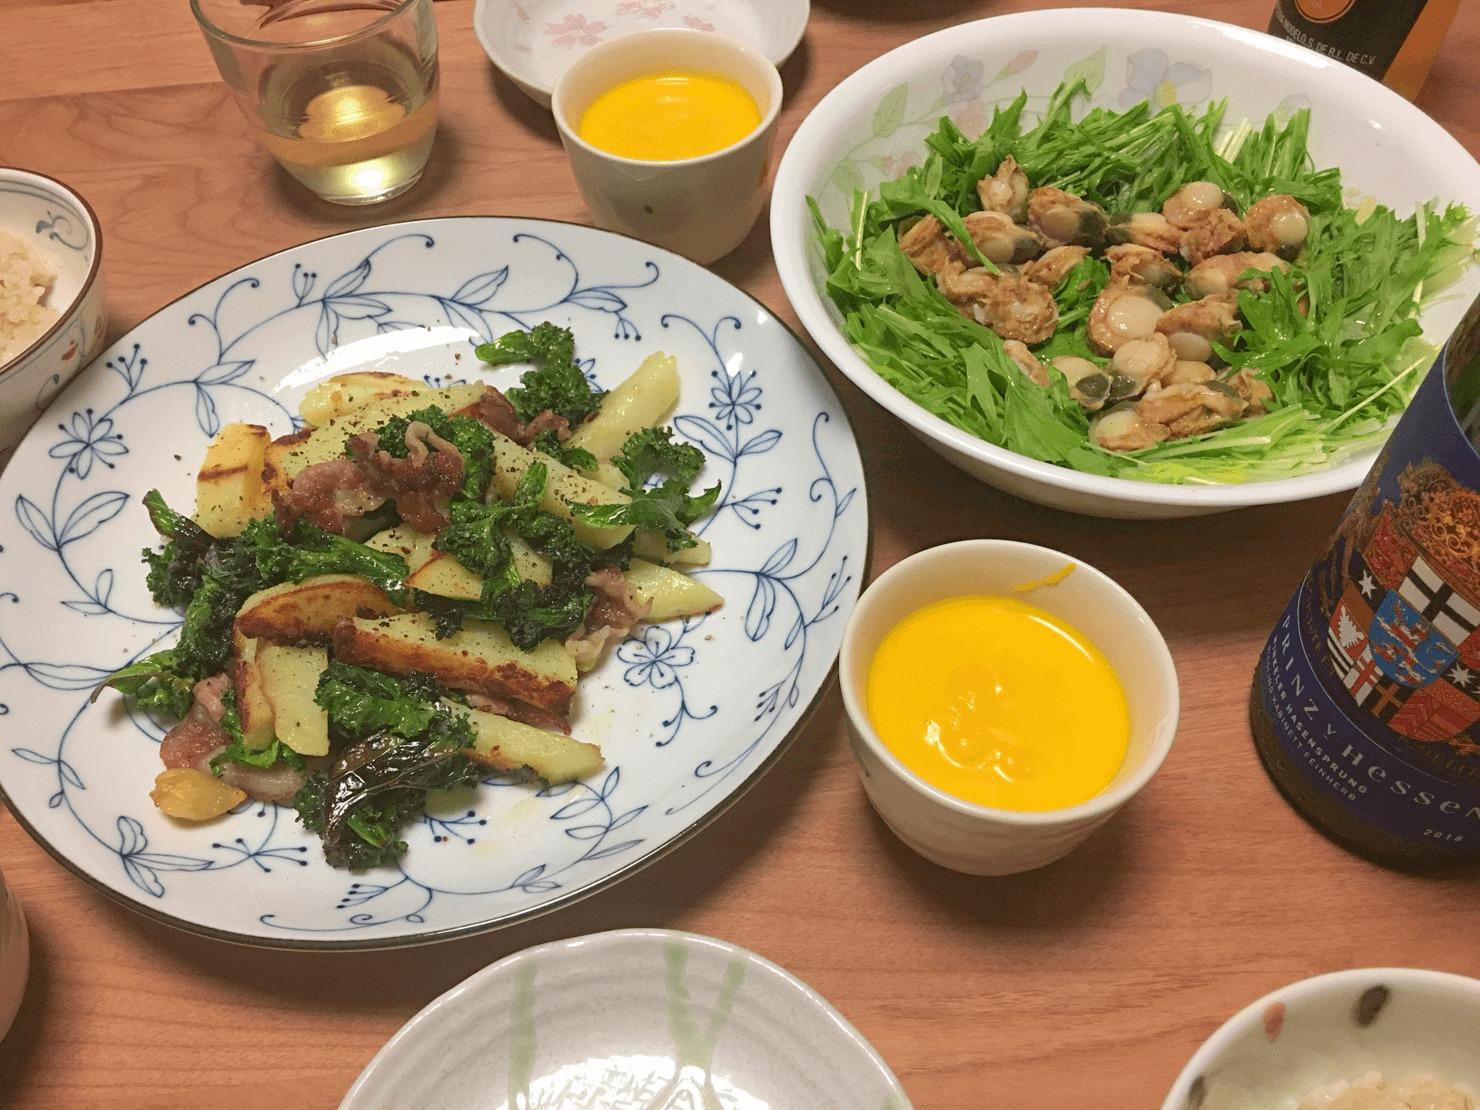 人参のポタージュの日の晩御飯の写真